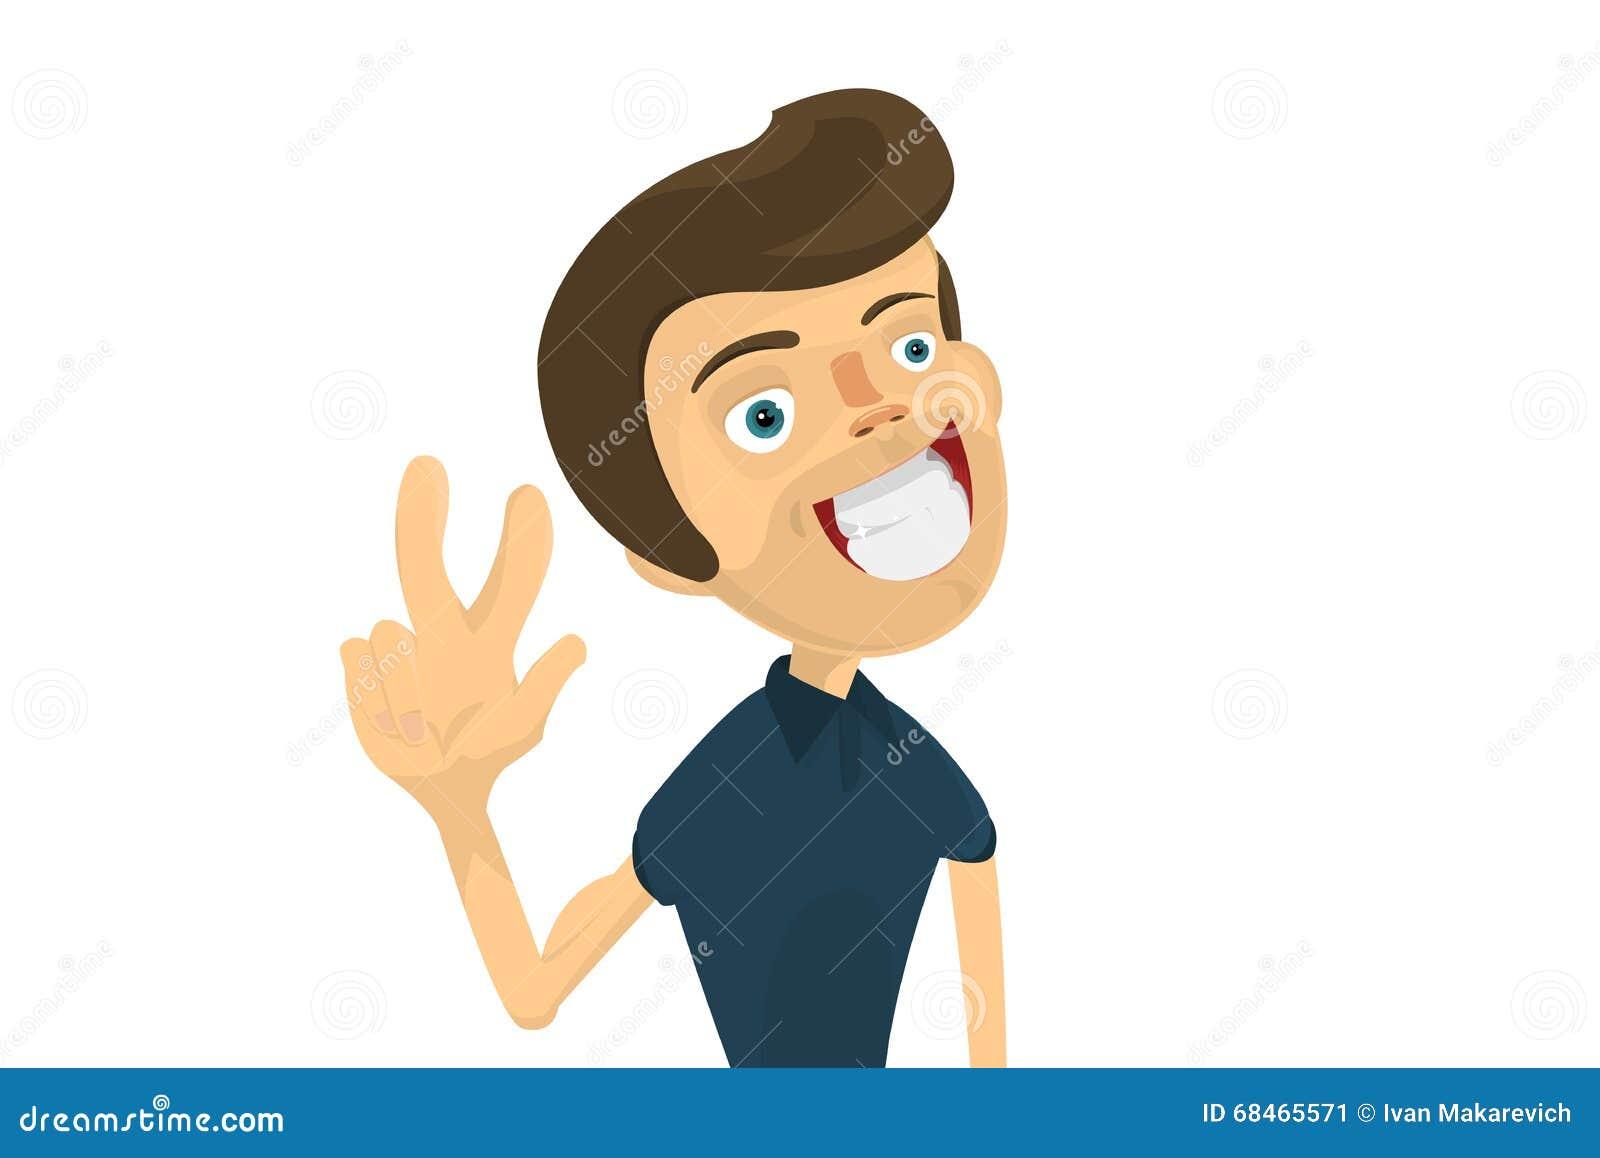 Cartoon Characters 3 Fingers : El hombre joven muestra dos fingeres nflat caricatura